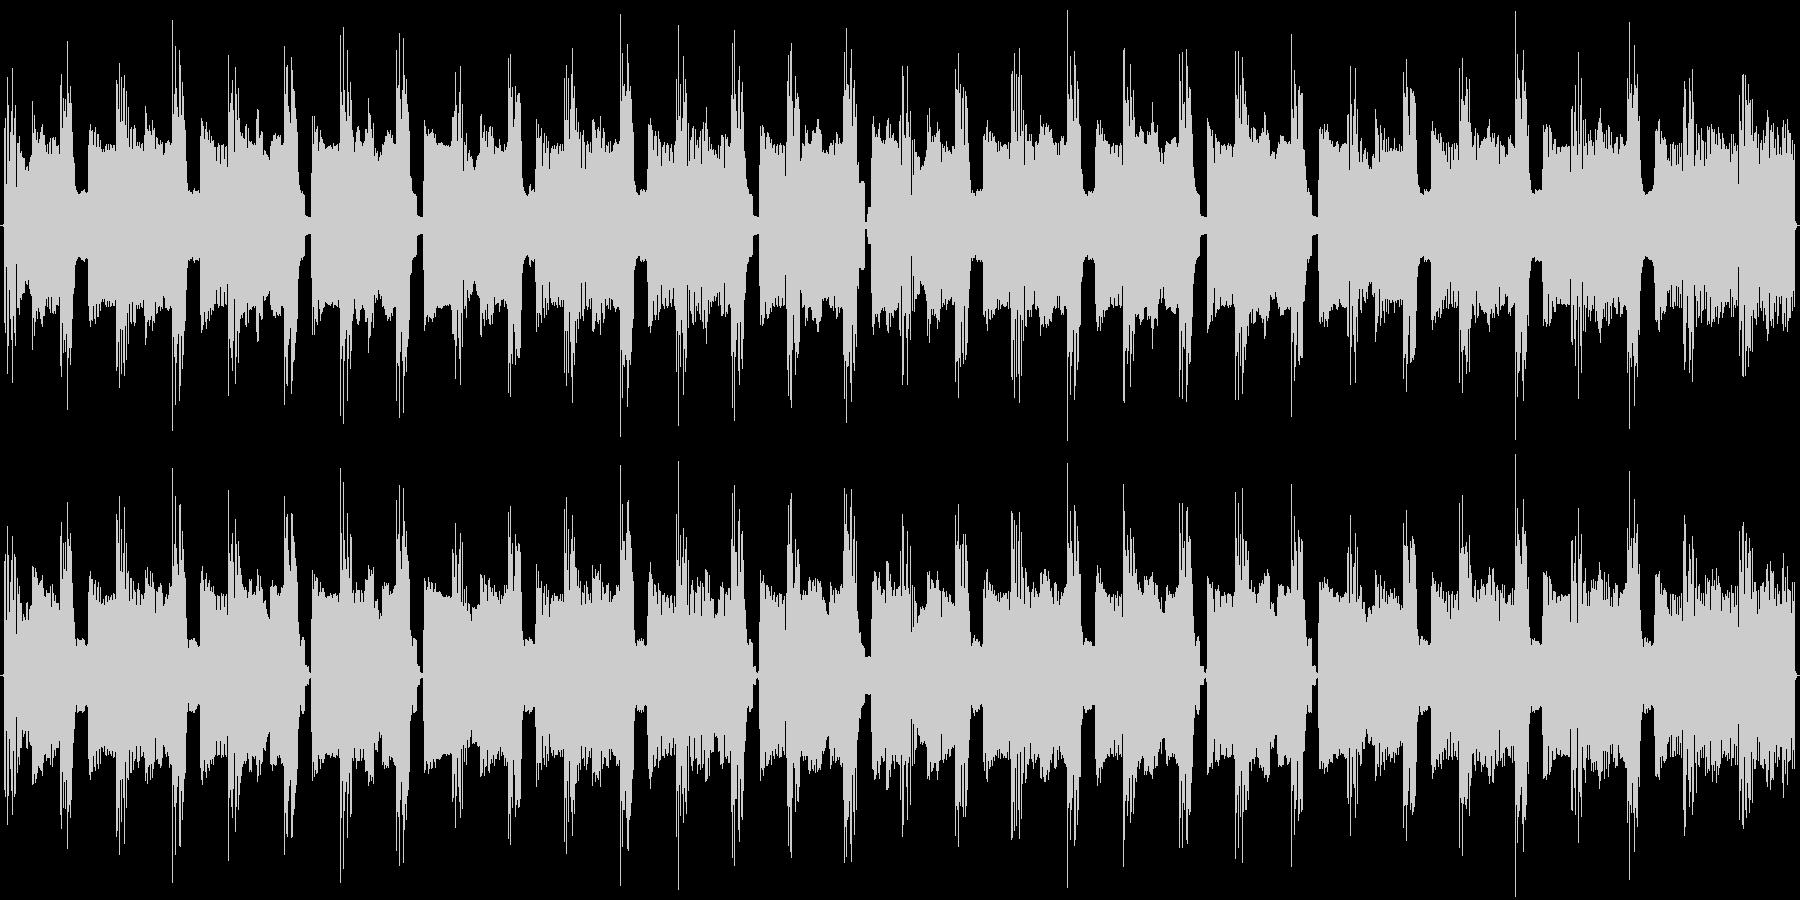 チップチューンの痛快な短いループ4の未再生の波形